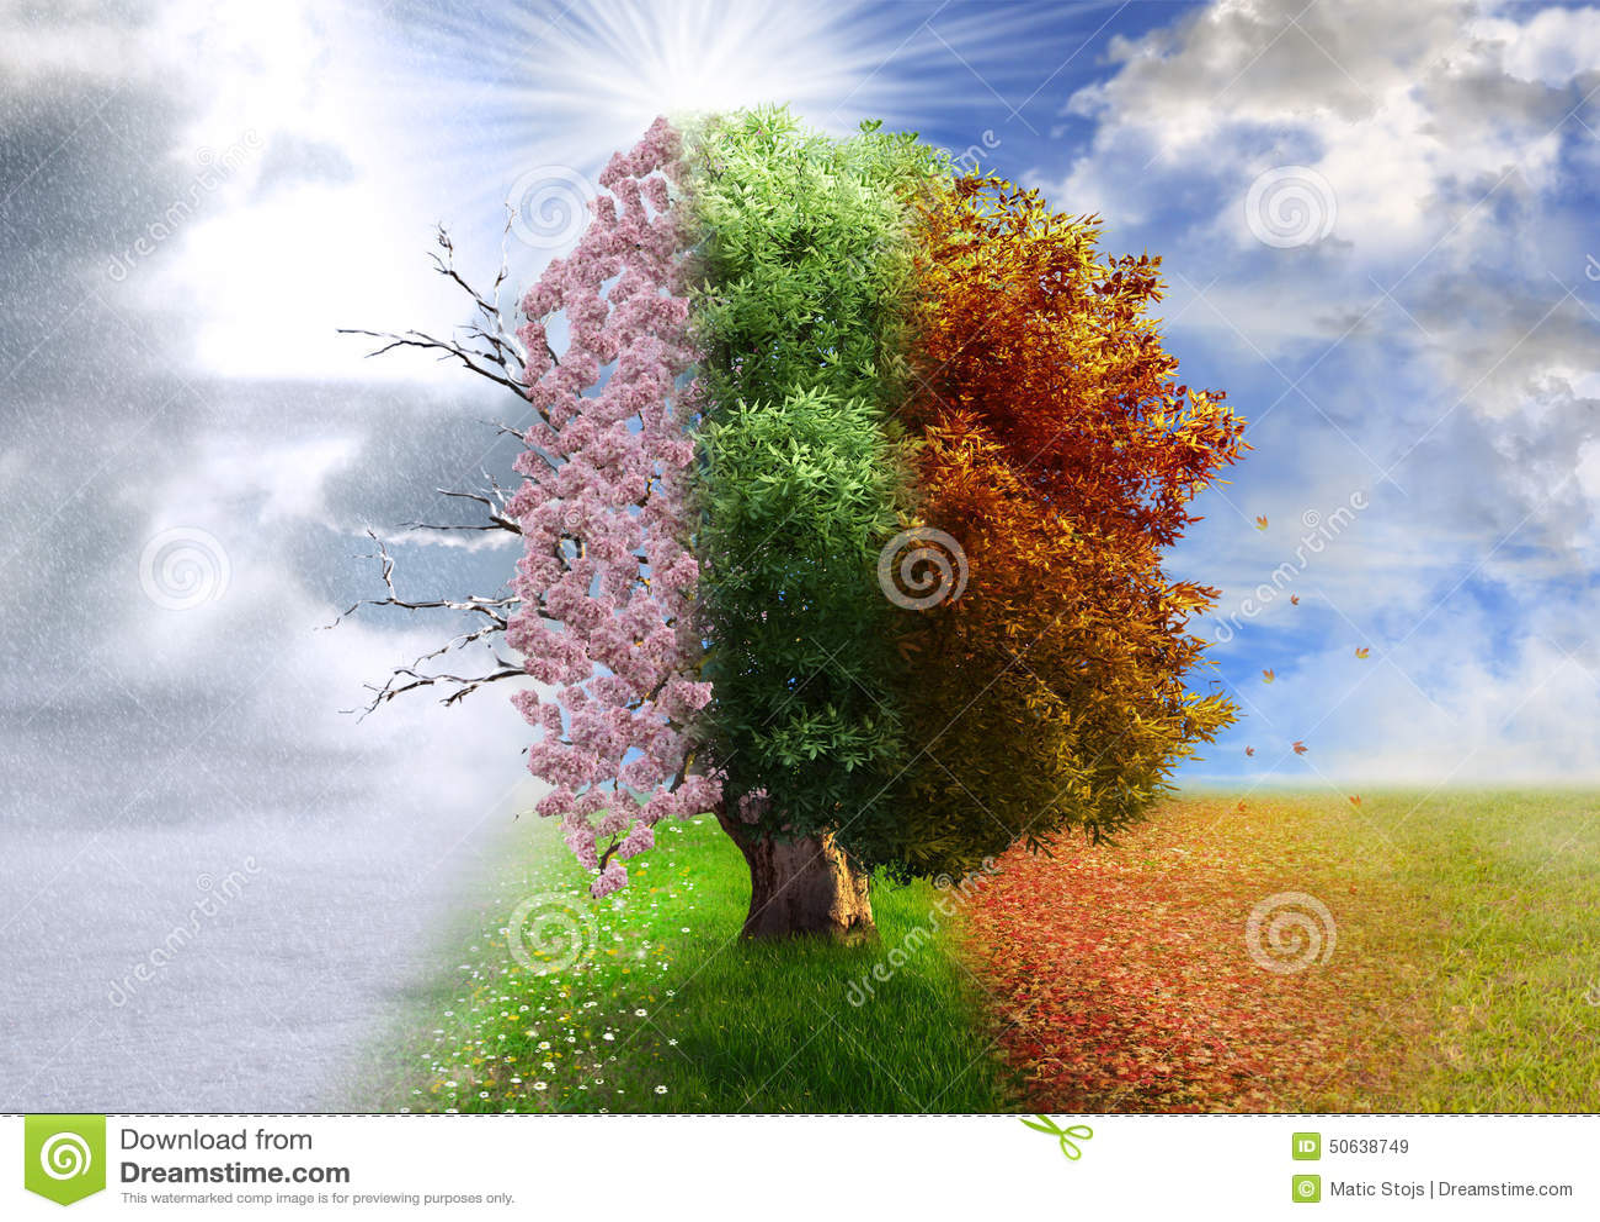 Τεσσάρων εποχών δέντρο, χειρισμός φωτογραφιών